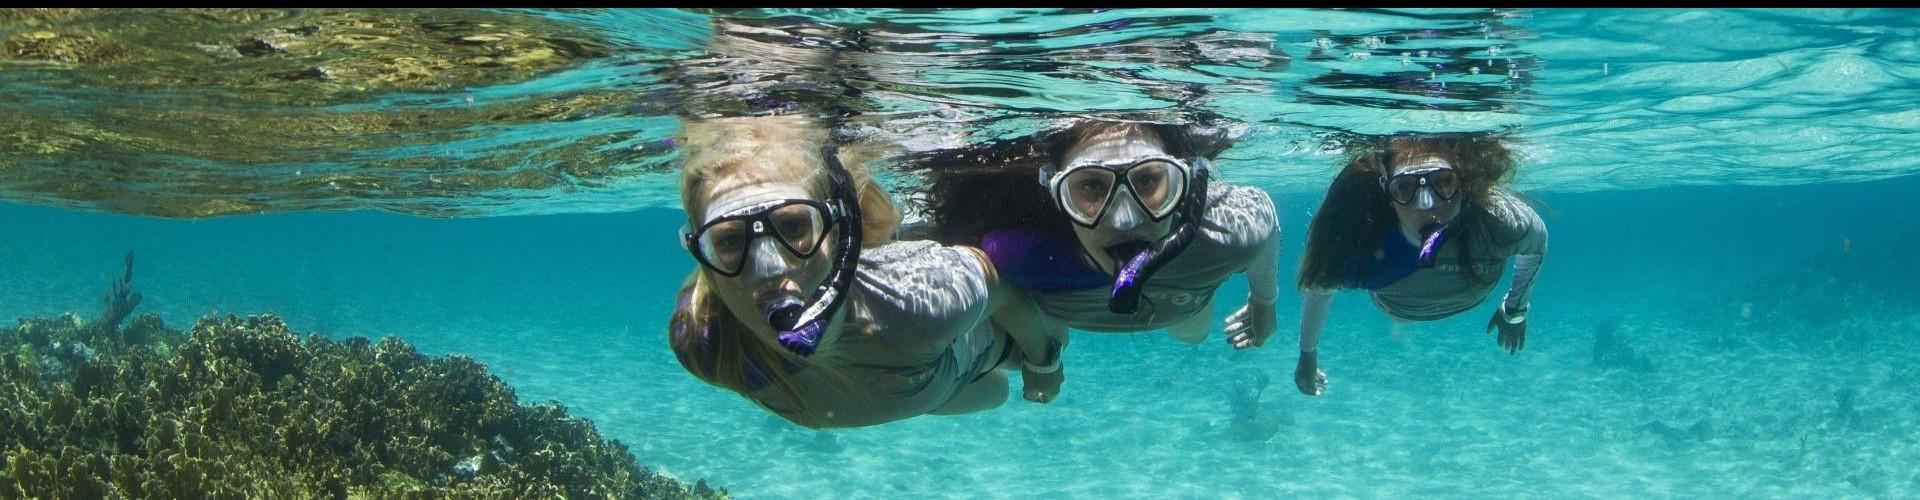 Snorkeling aqualung